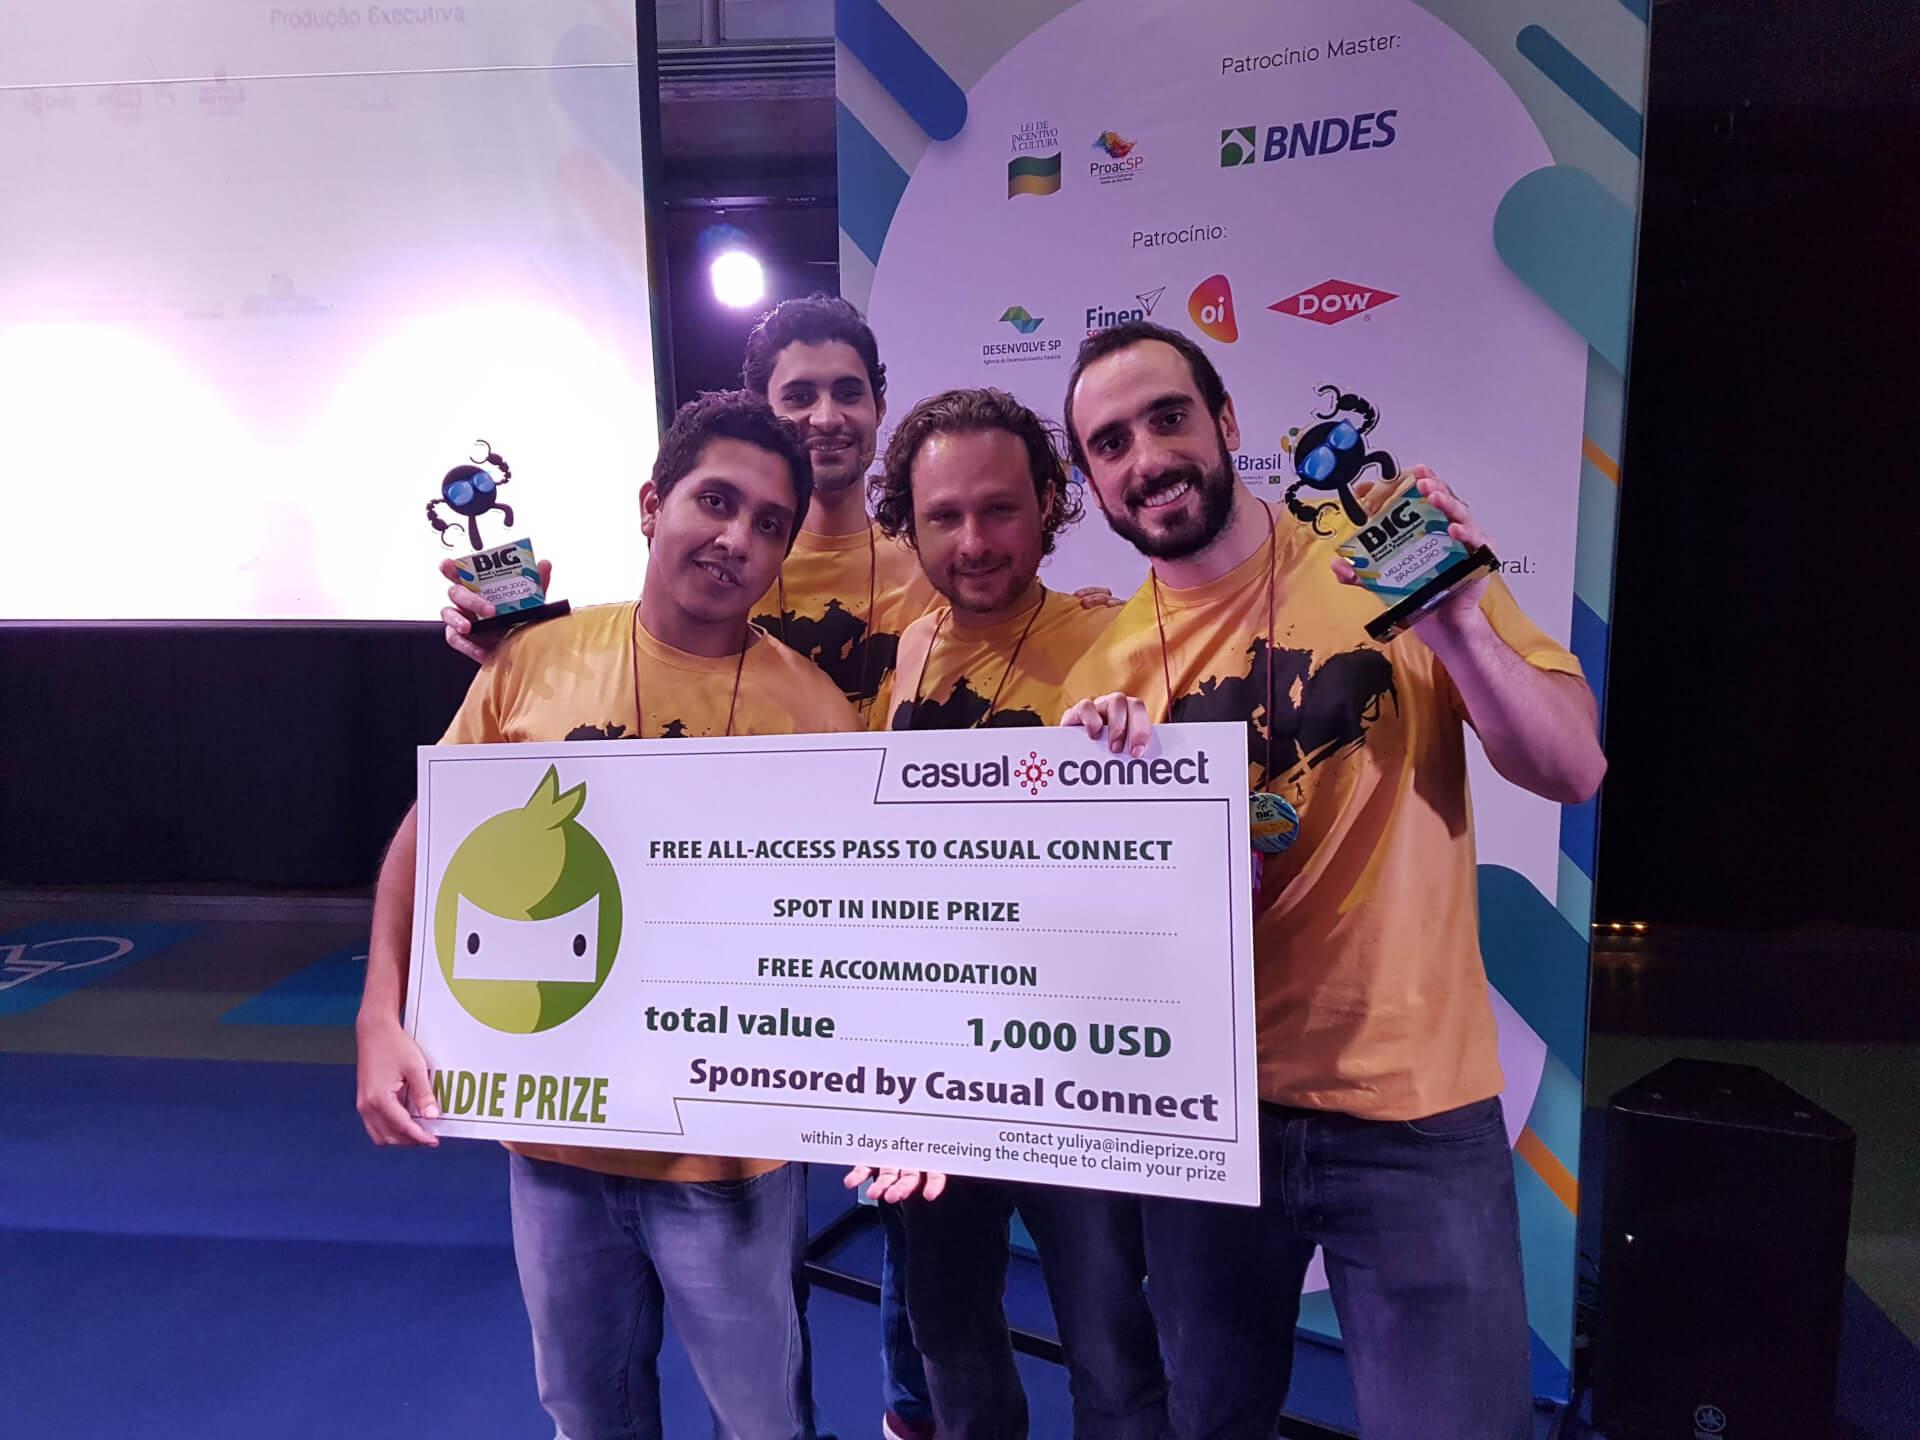 Foto de Distortions levou o prêmio de melhor jogo brasileiro do BIG Festival. Confira os vencedores da feira